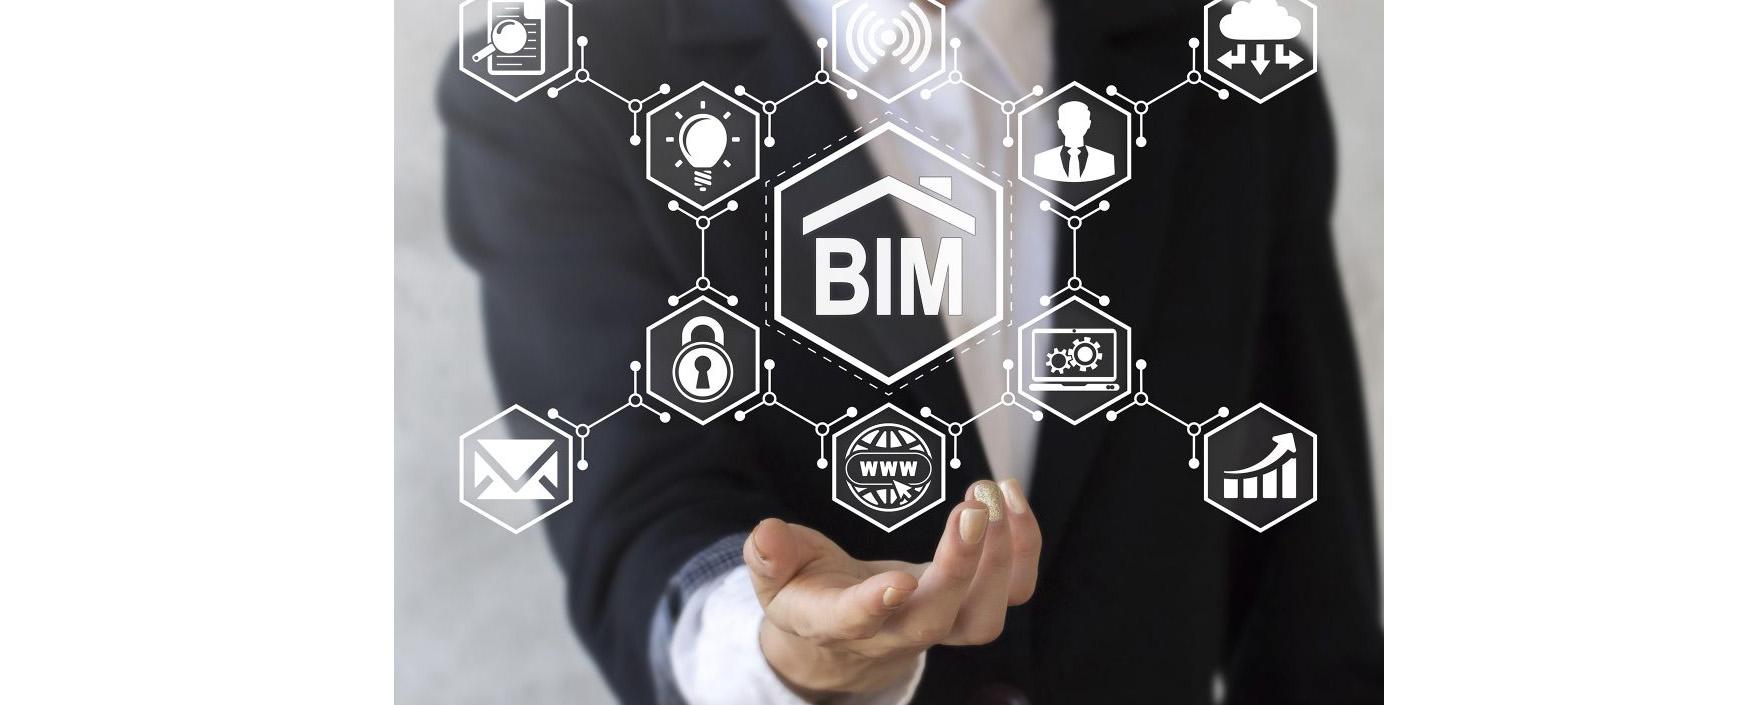 Construção civil pode crescer até 7% com BIM